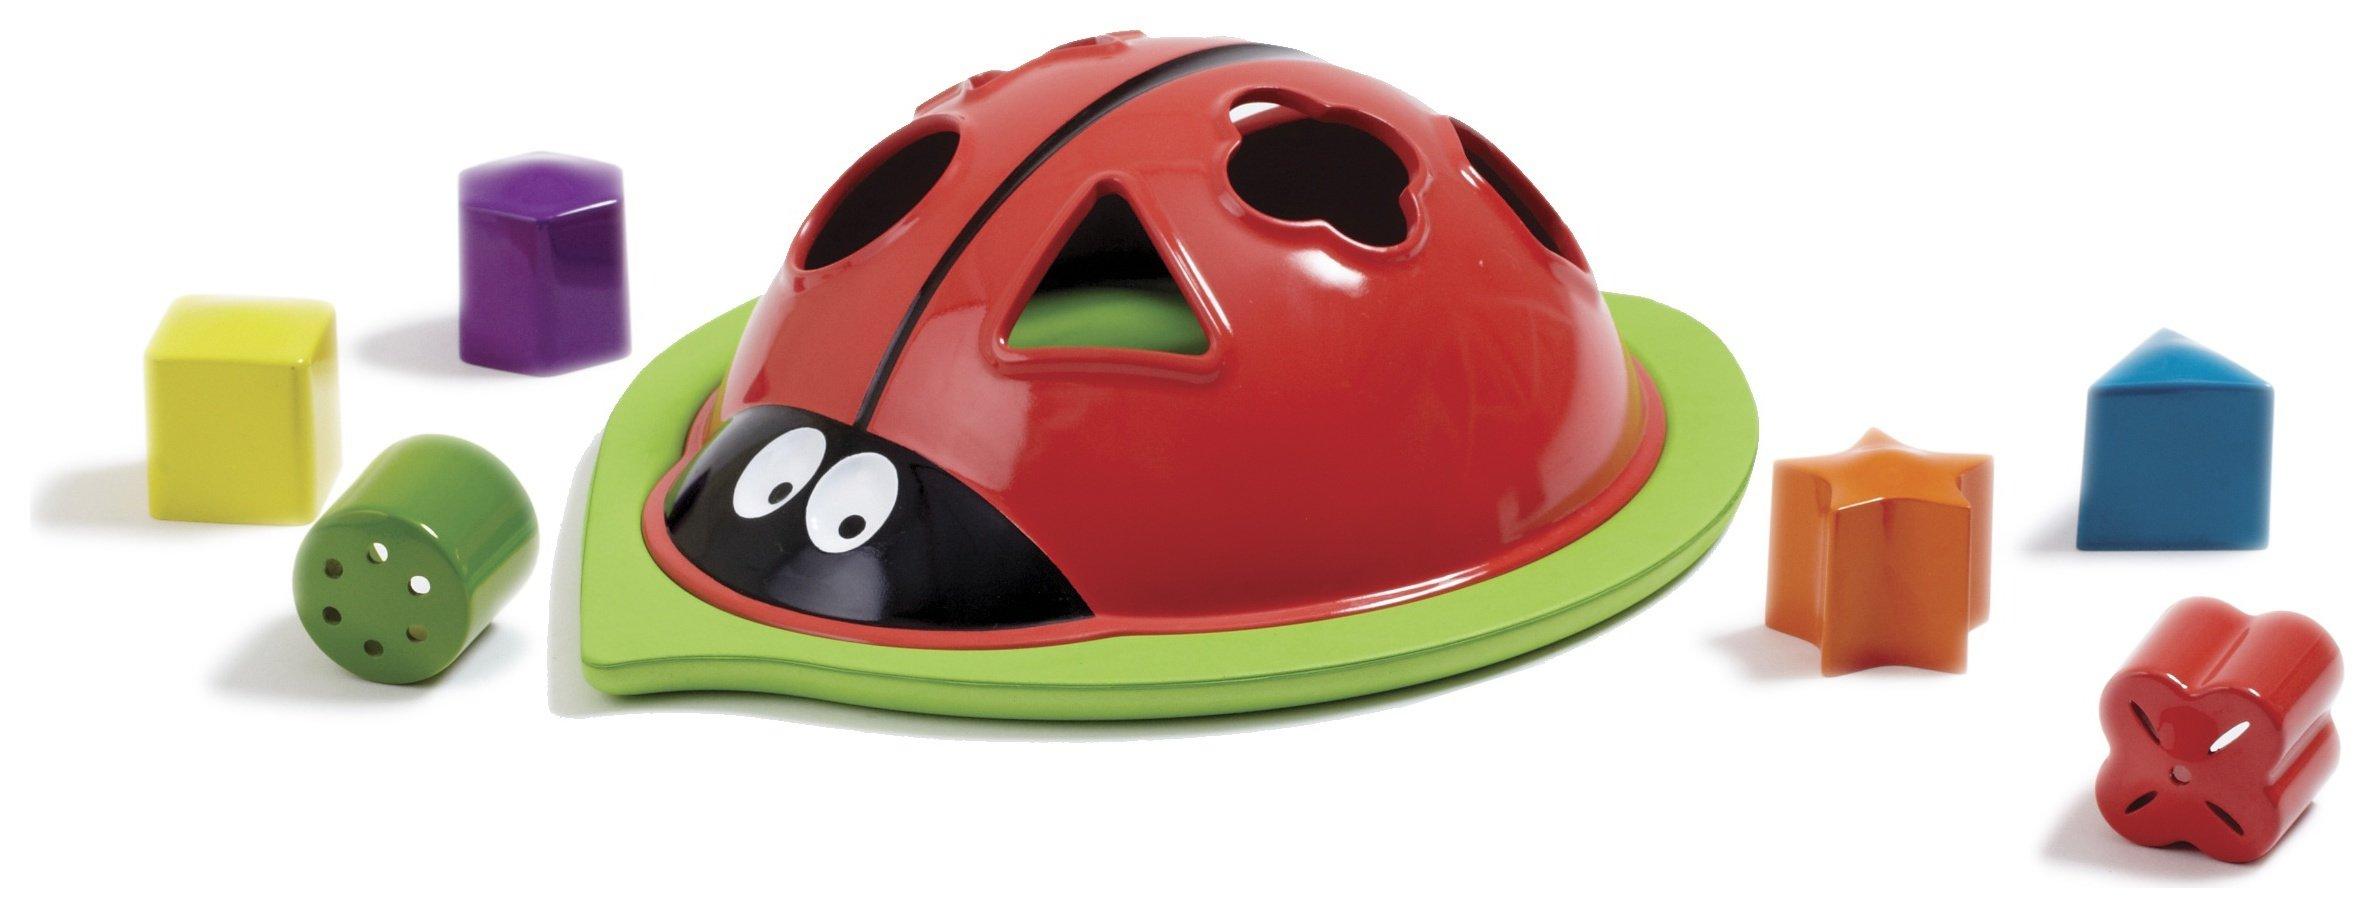 Edushape Ladybird Sorter Bath Toy.